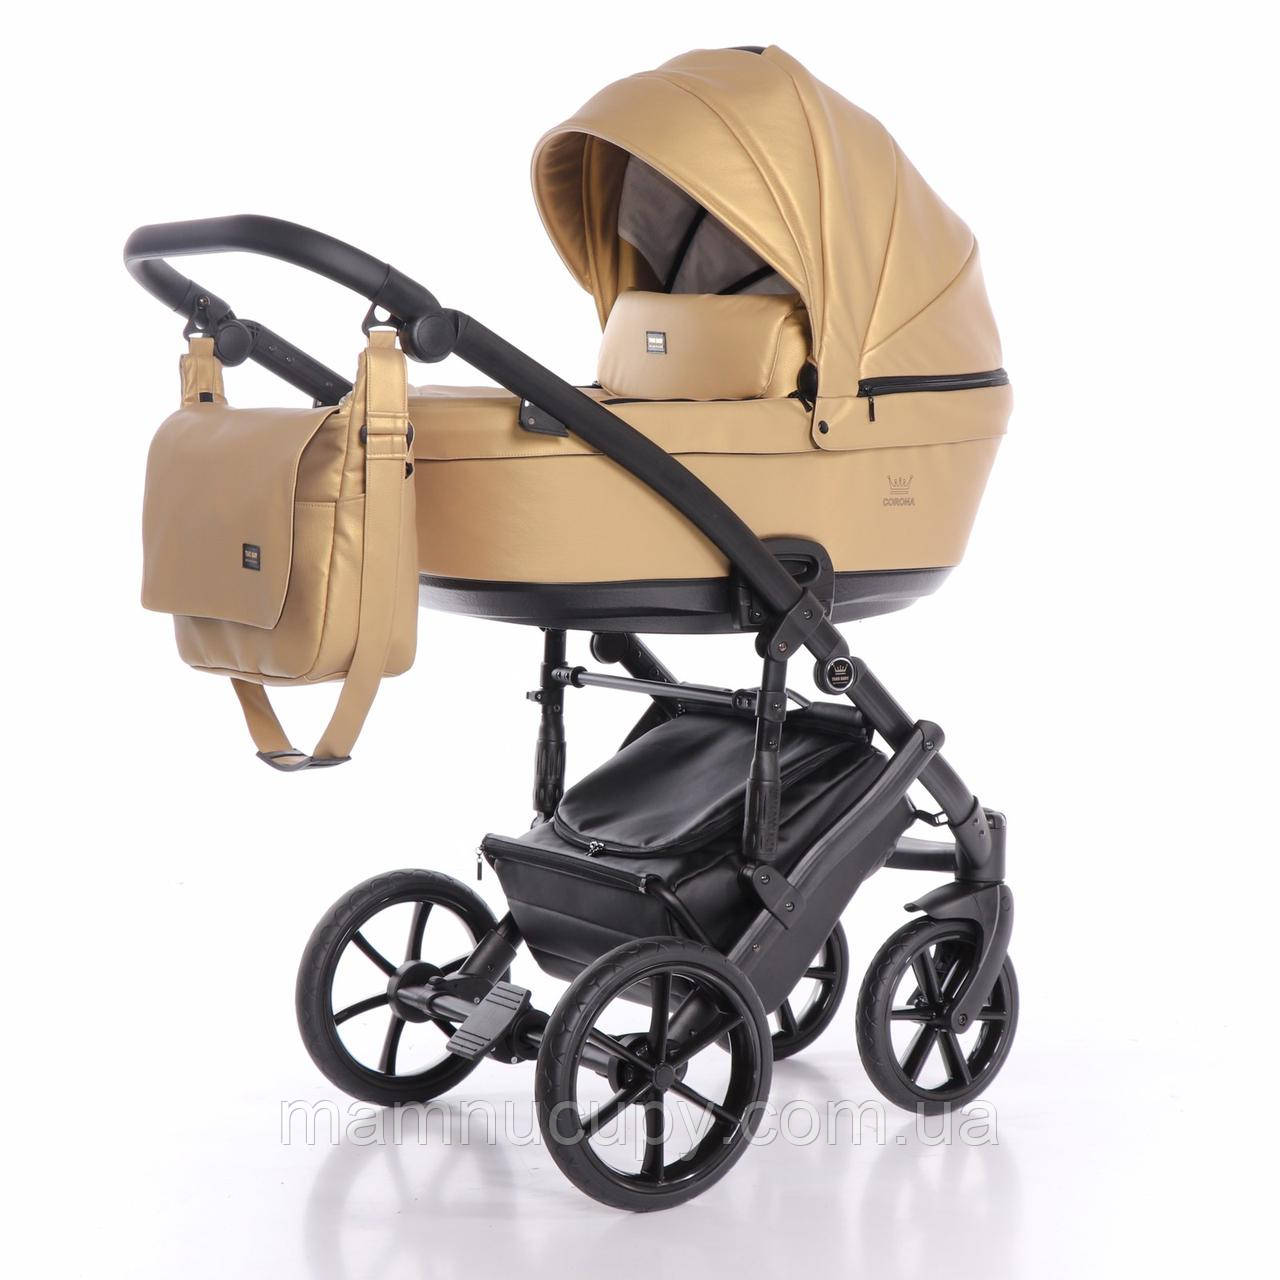 Детская универсальная коляска 2 в 1 Tako Corona Eco 02